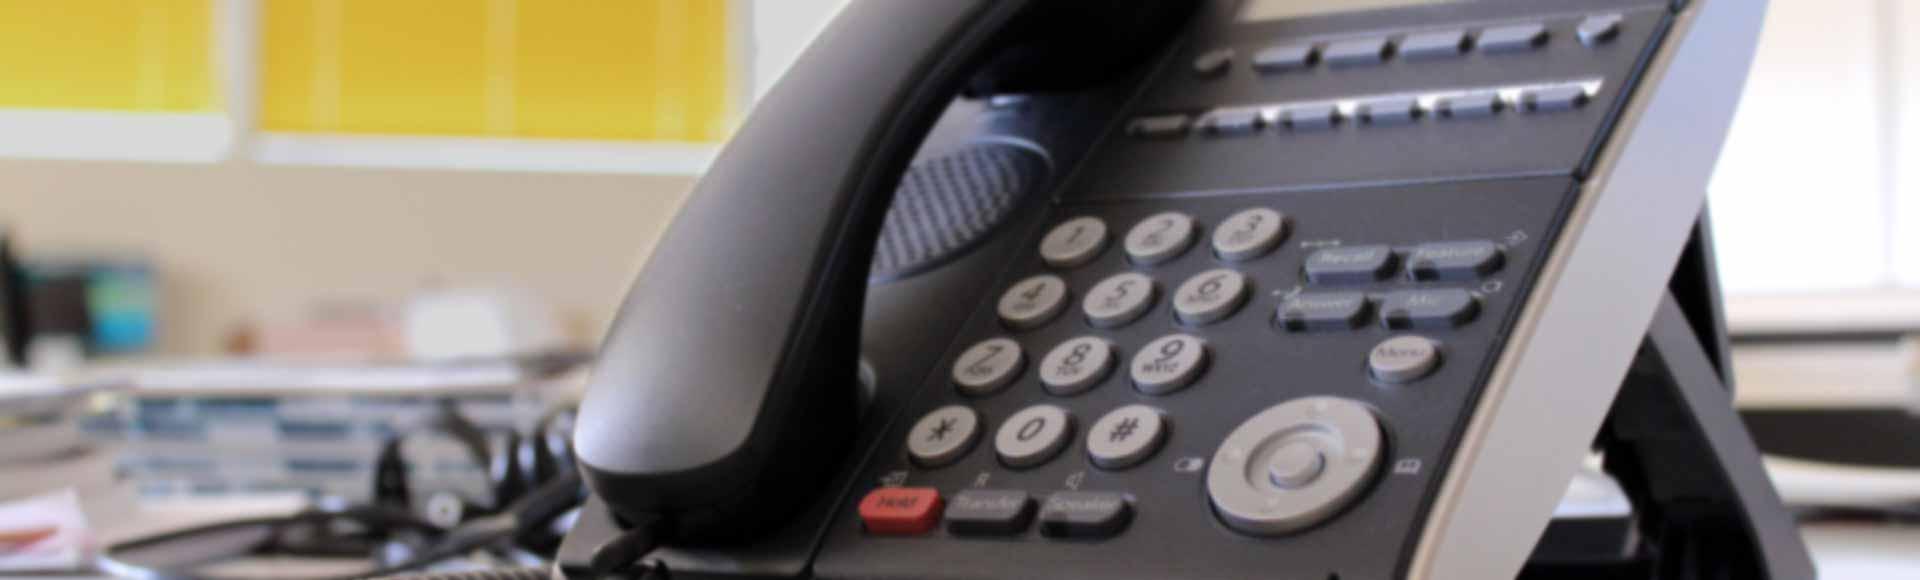 Wir sind kein Callcenter!